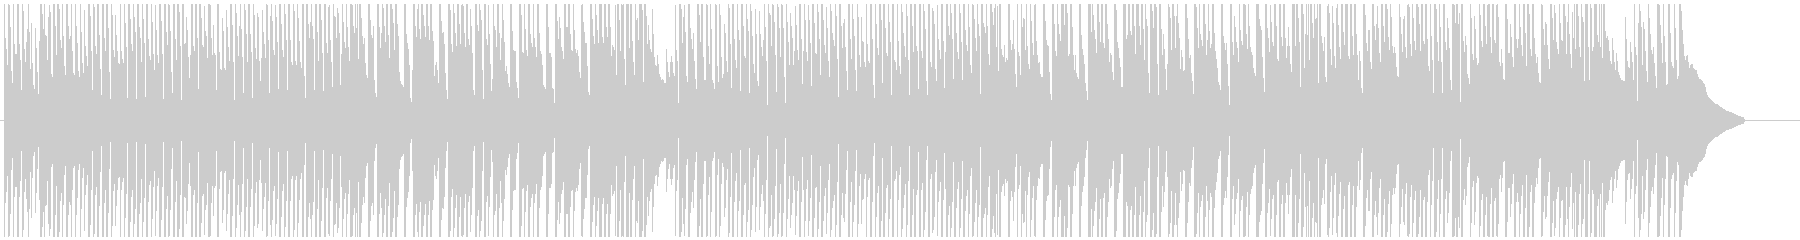 チャイニーズなメロディーのほのぼの曲の未再生の波形